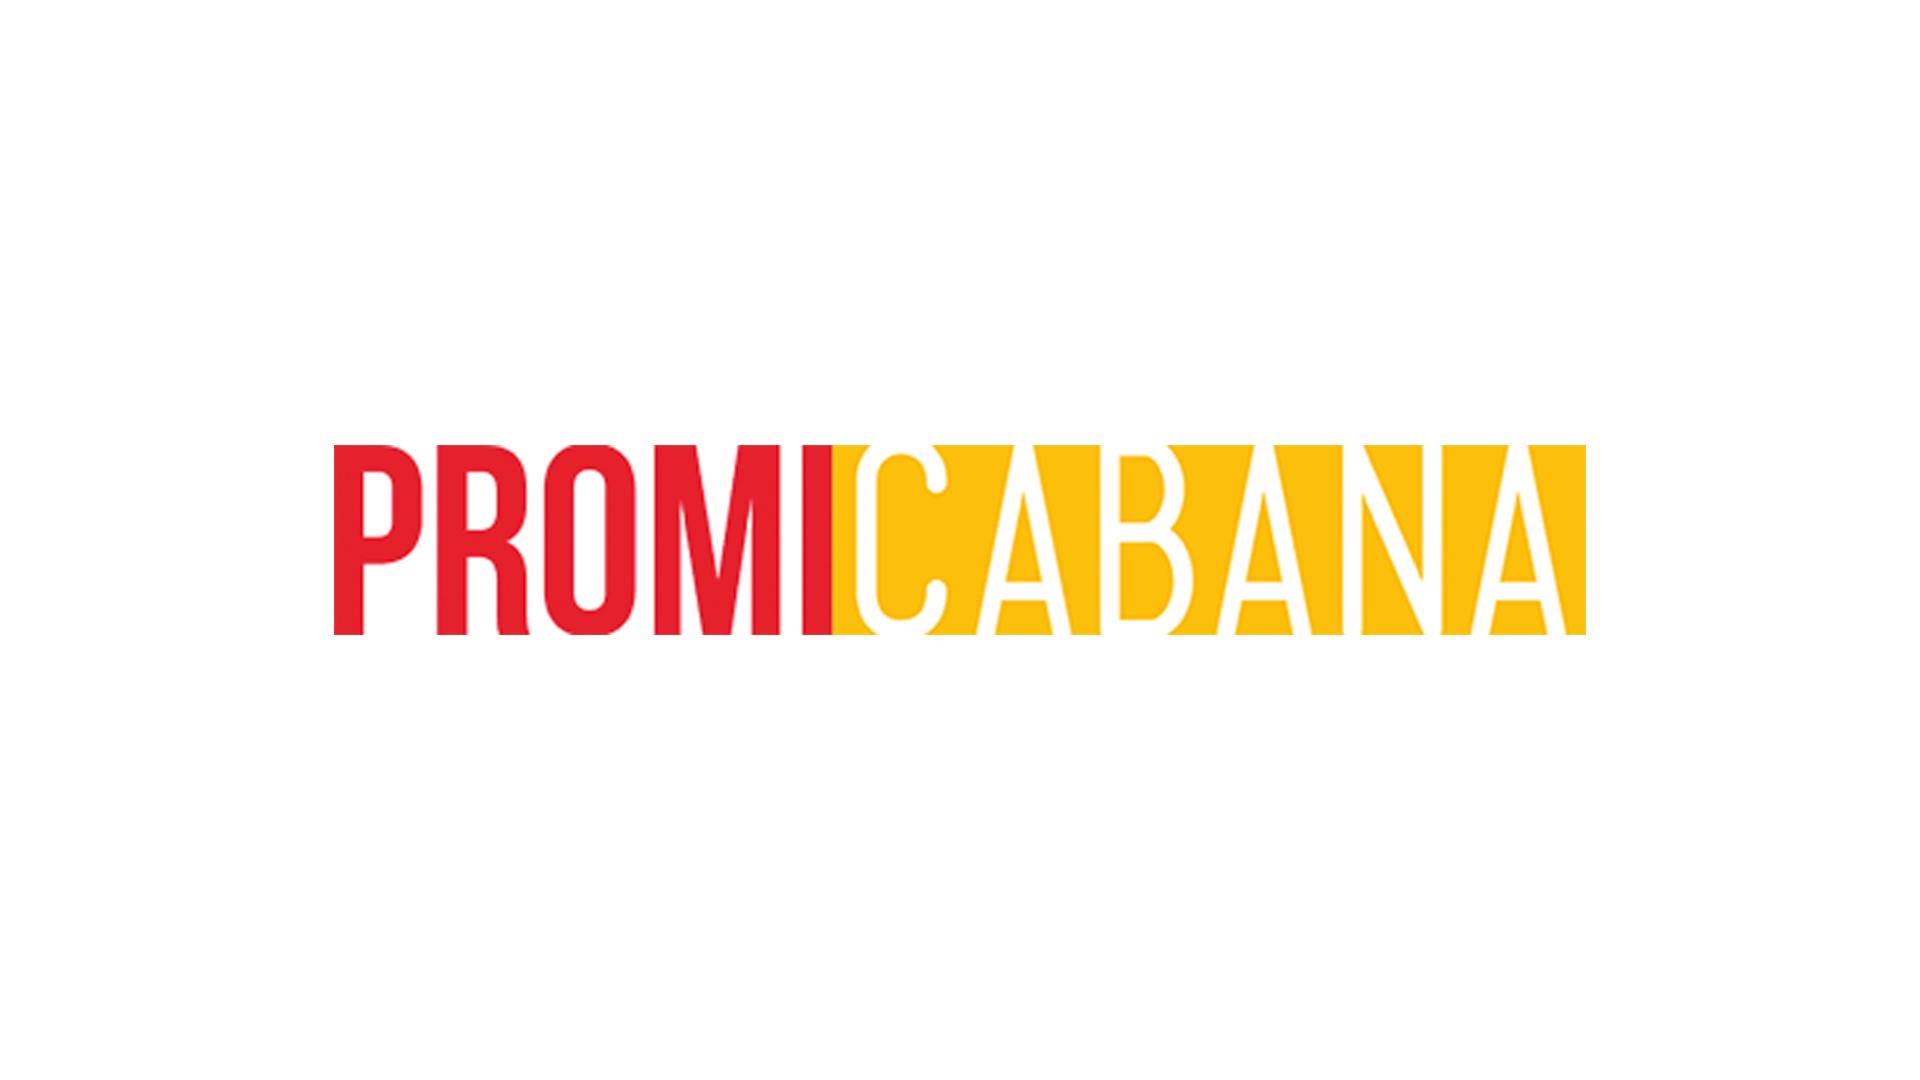 Jared-Leto-Joker-Purple-Lamborghini-Musikvideo-Suicide-Squad